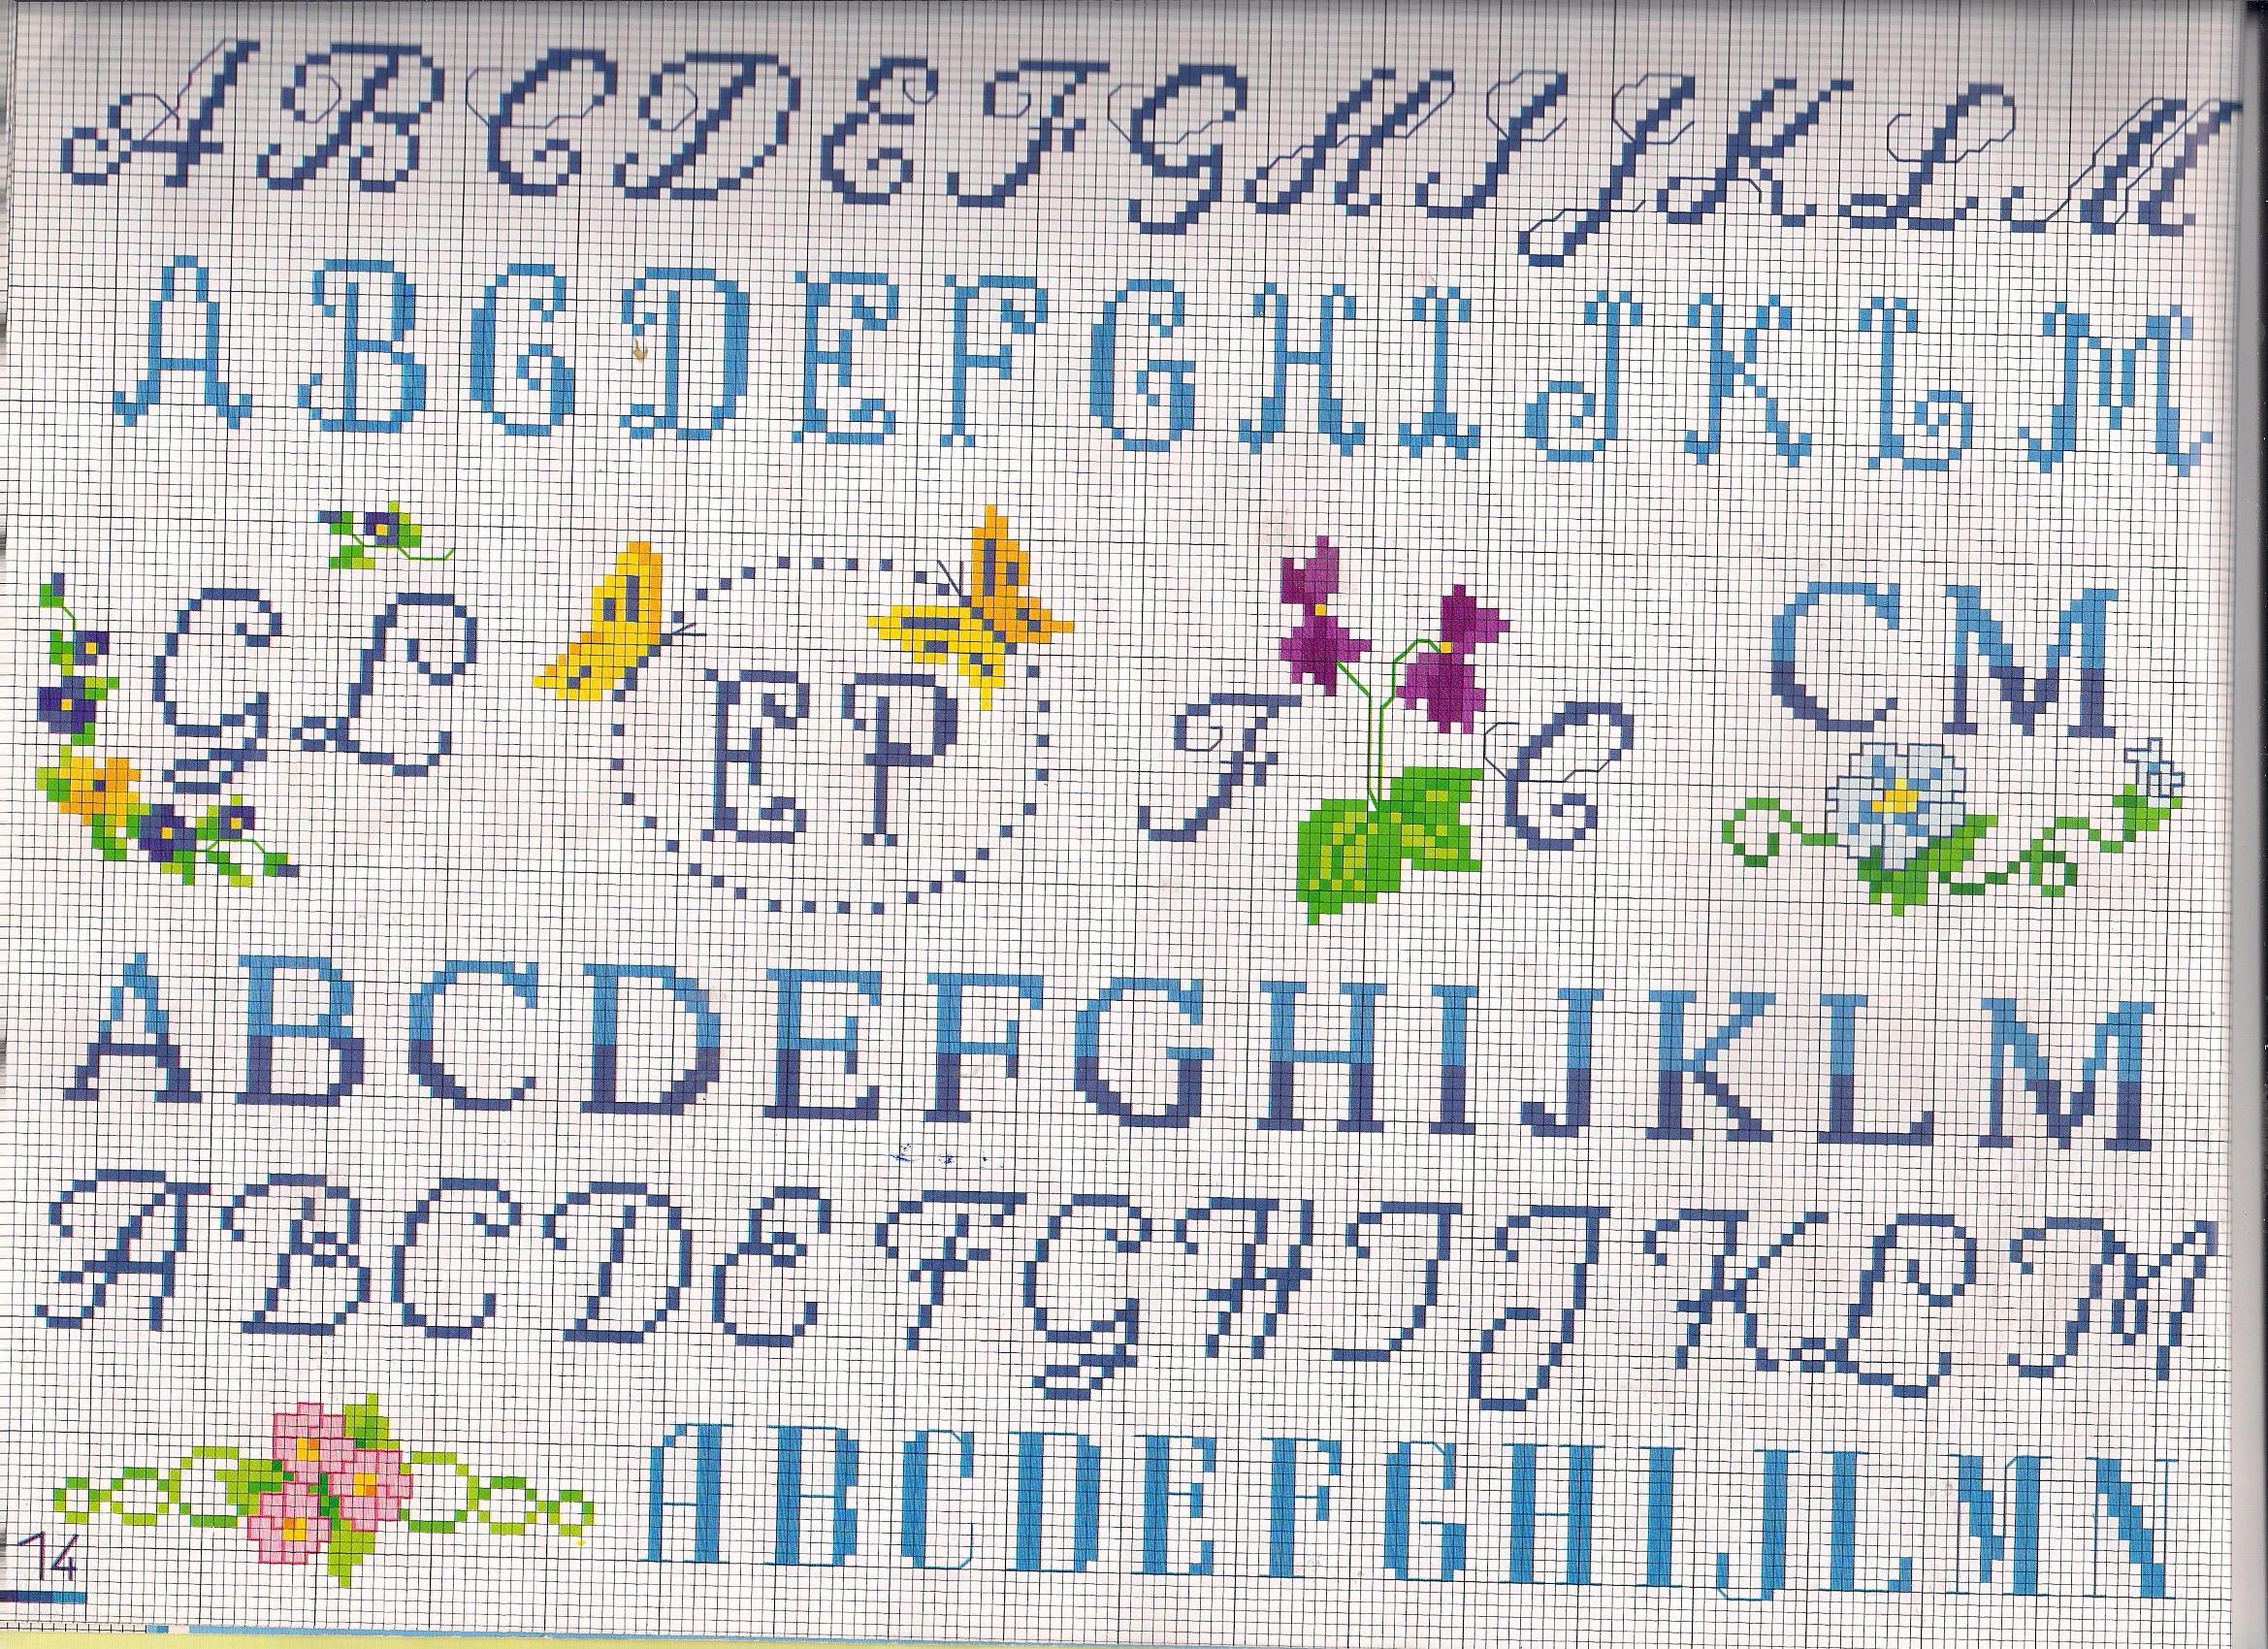 Super alfabeto oblò farfalle iniziali - magiedifilo.it punto croce  OB33